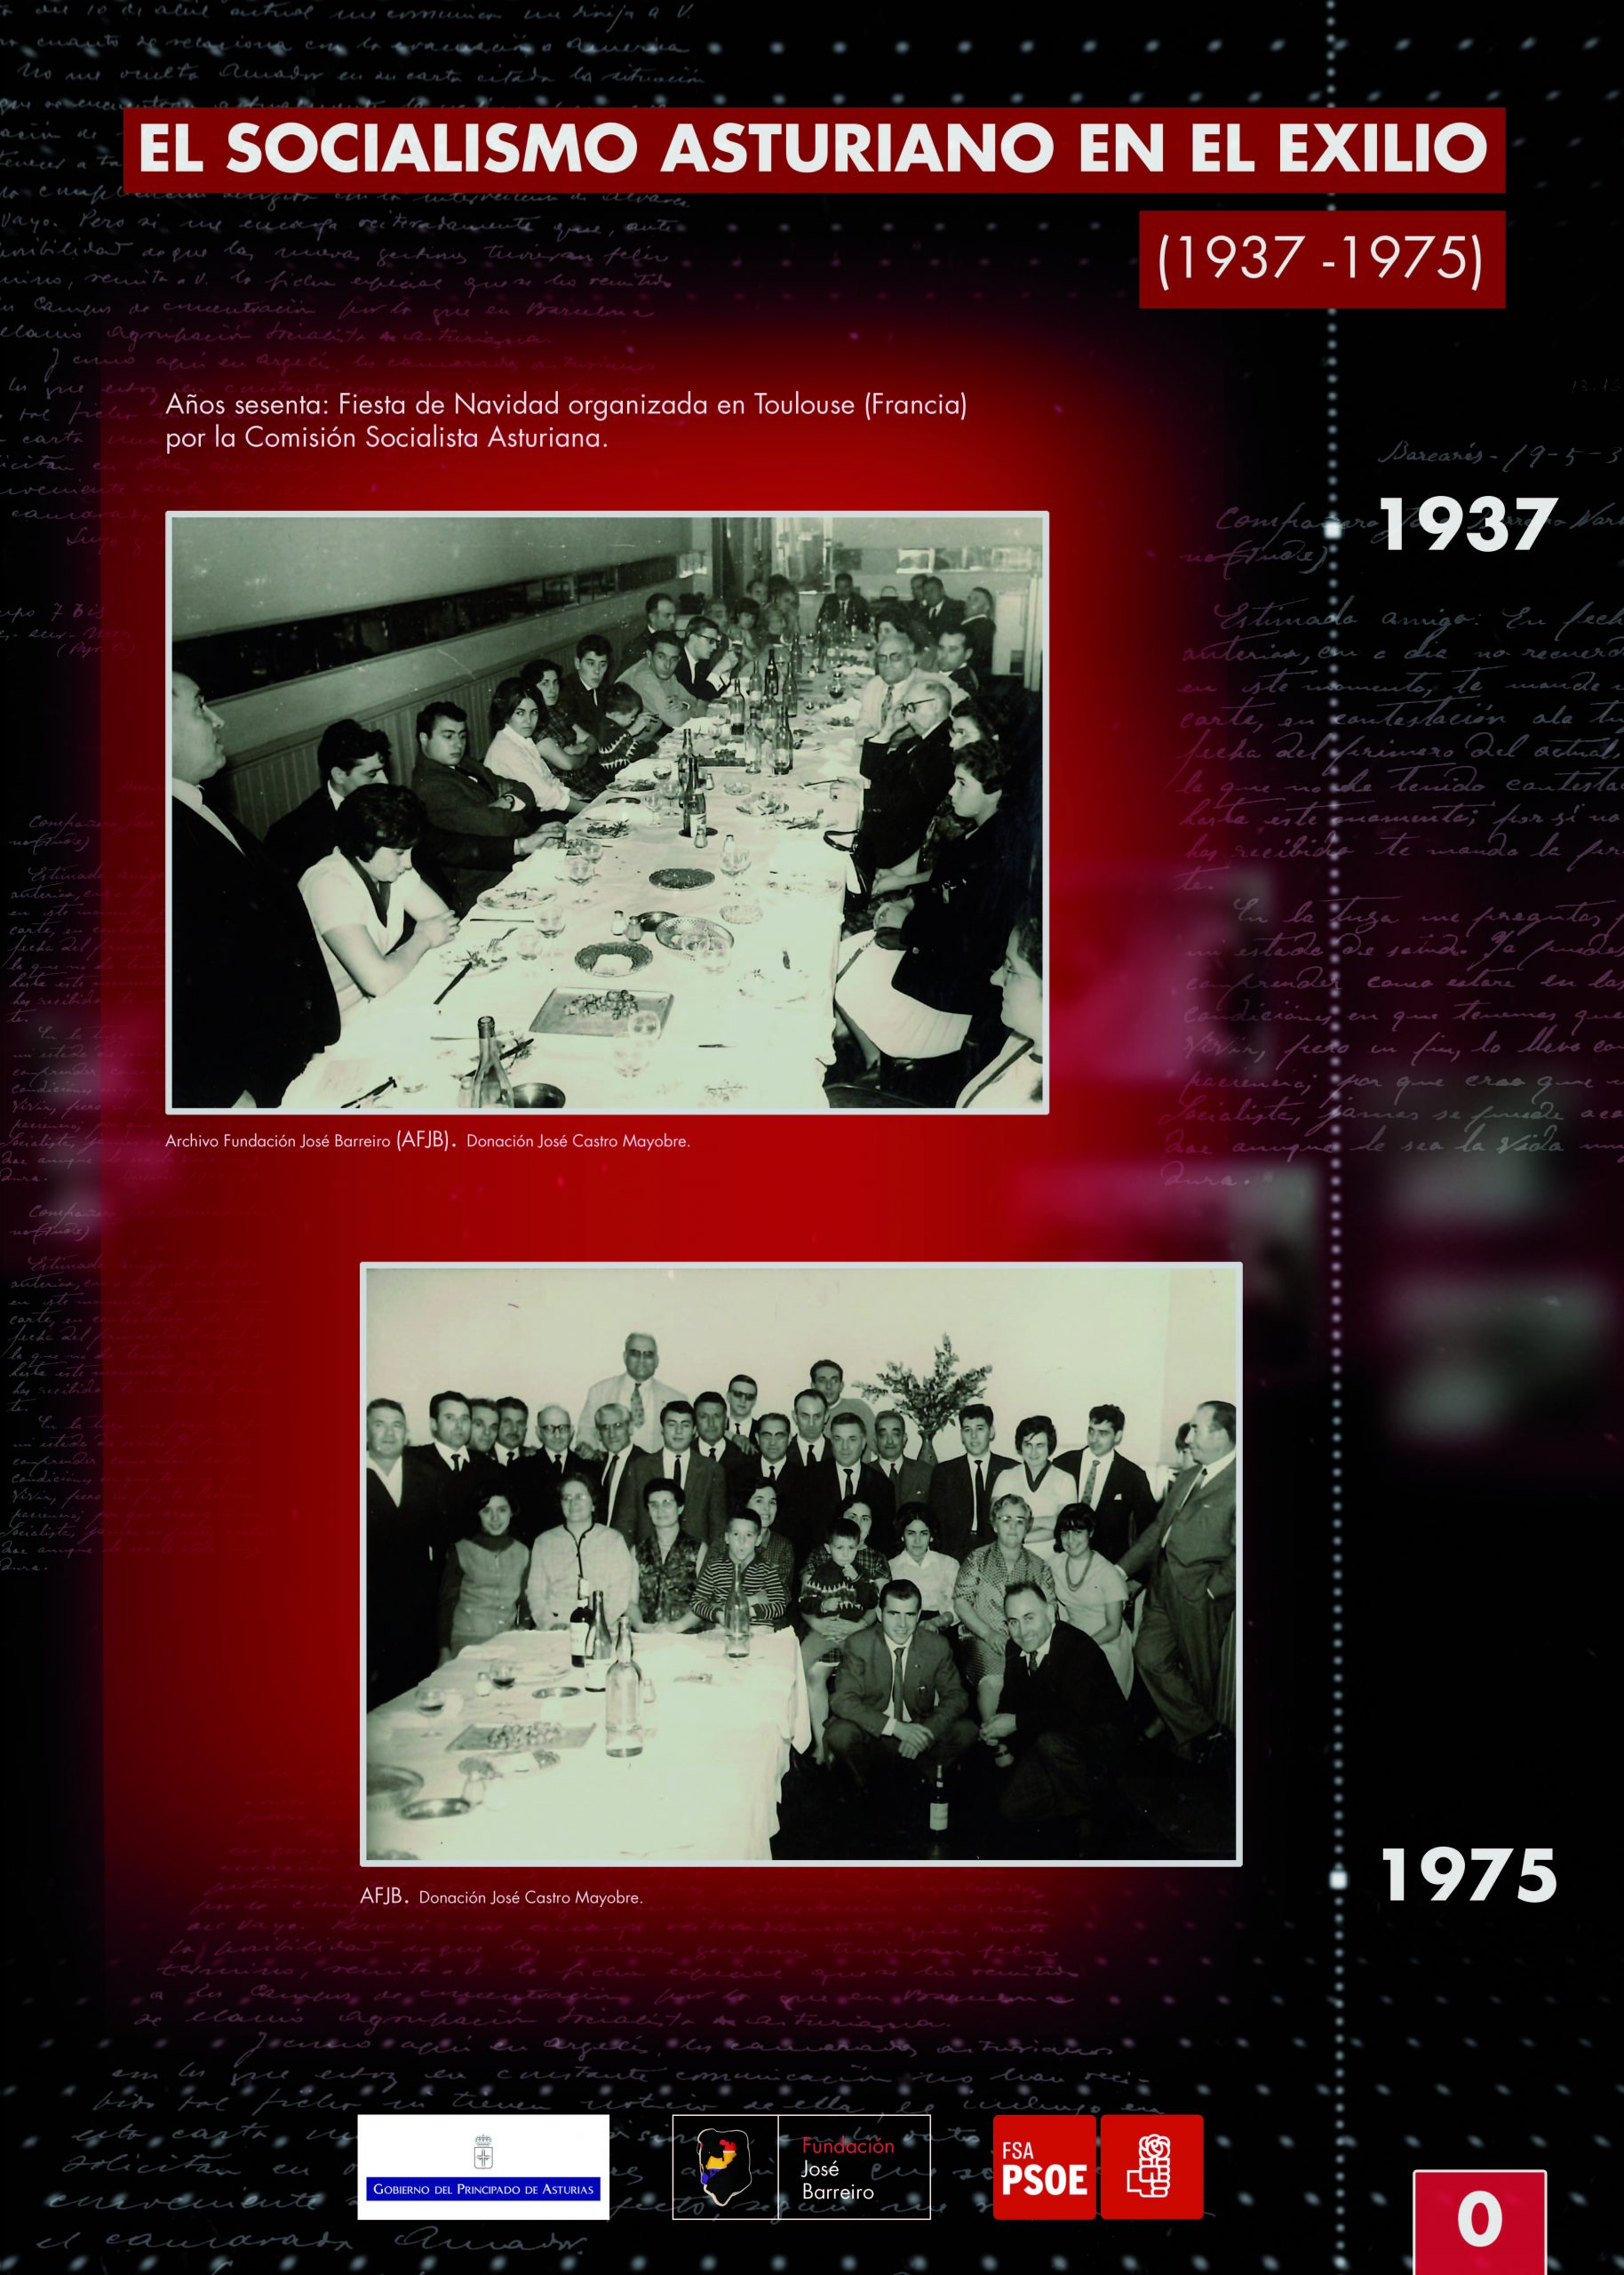 EXPOSICION «EL SOCIALISMO ASTURIANO EN EL EXILIO»